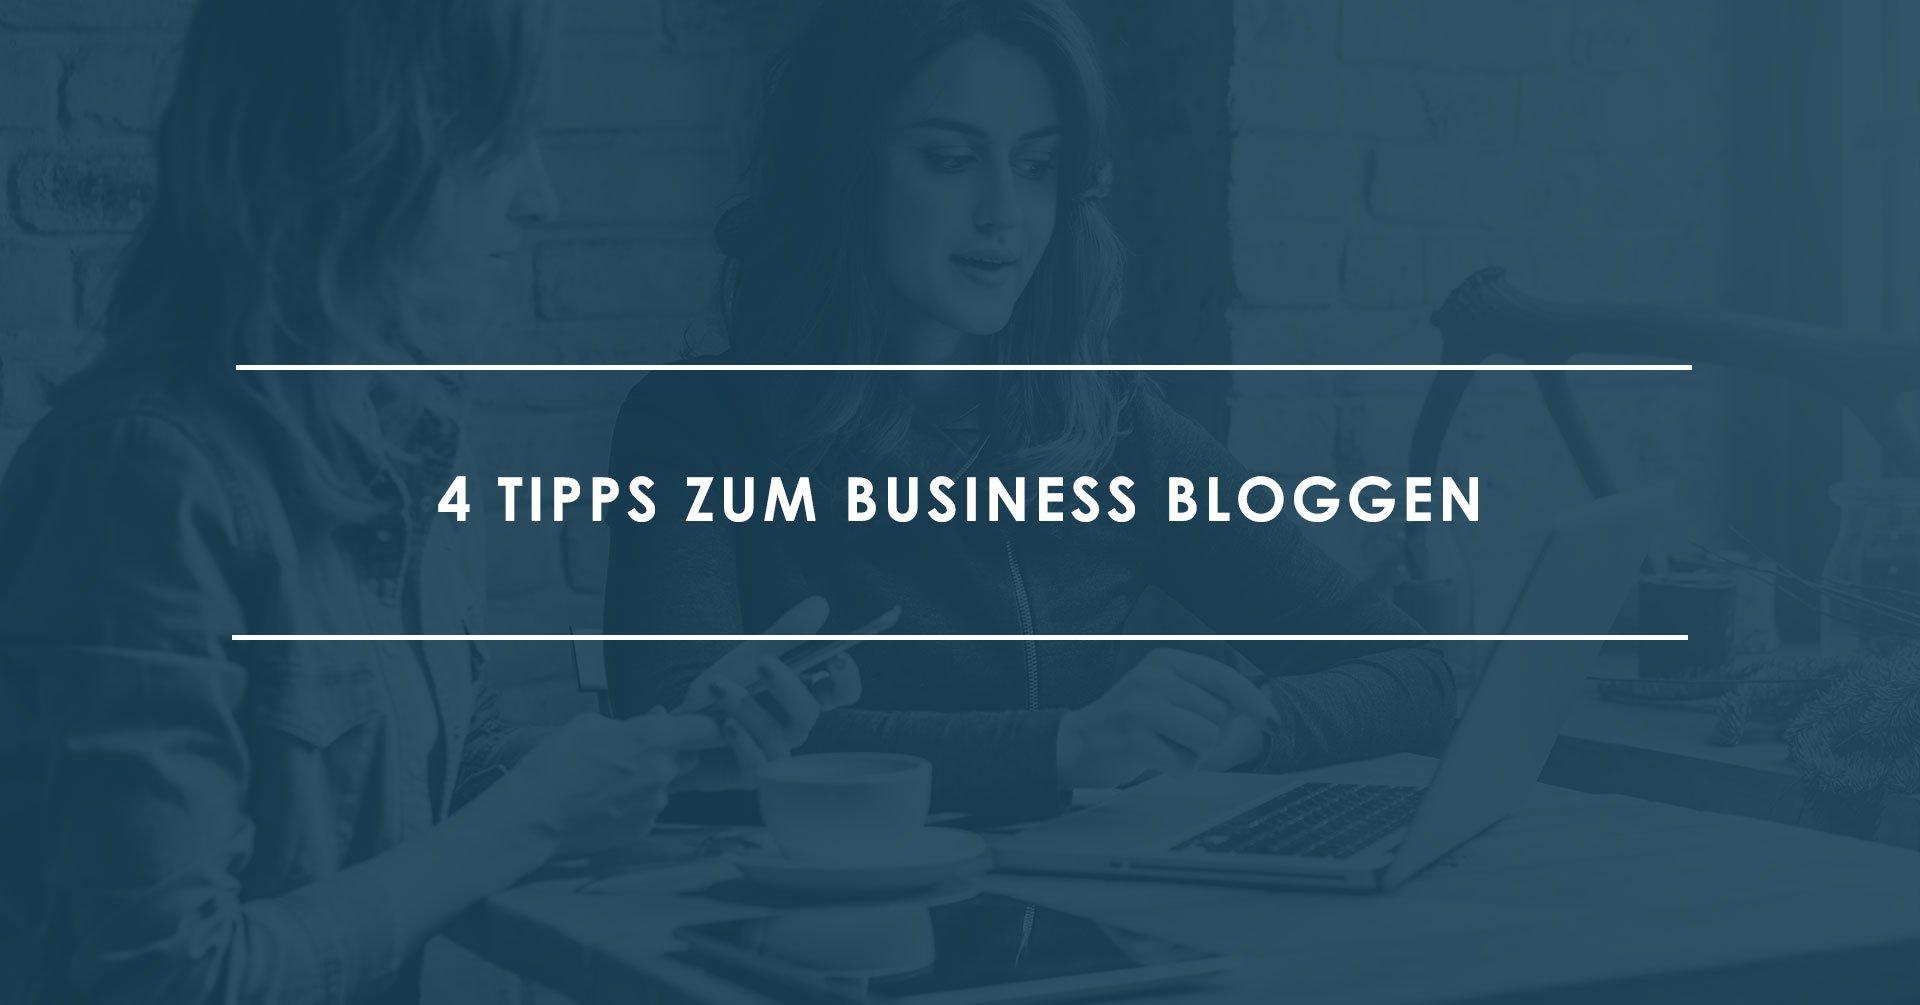 4-Tipps-zum-Business-Bloggen-für-B2B-Dienstleister